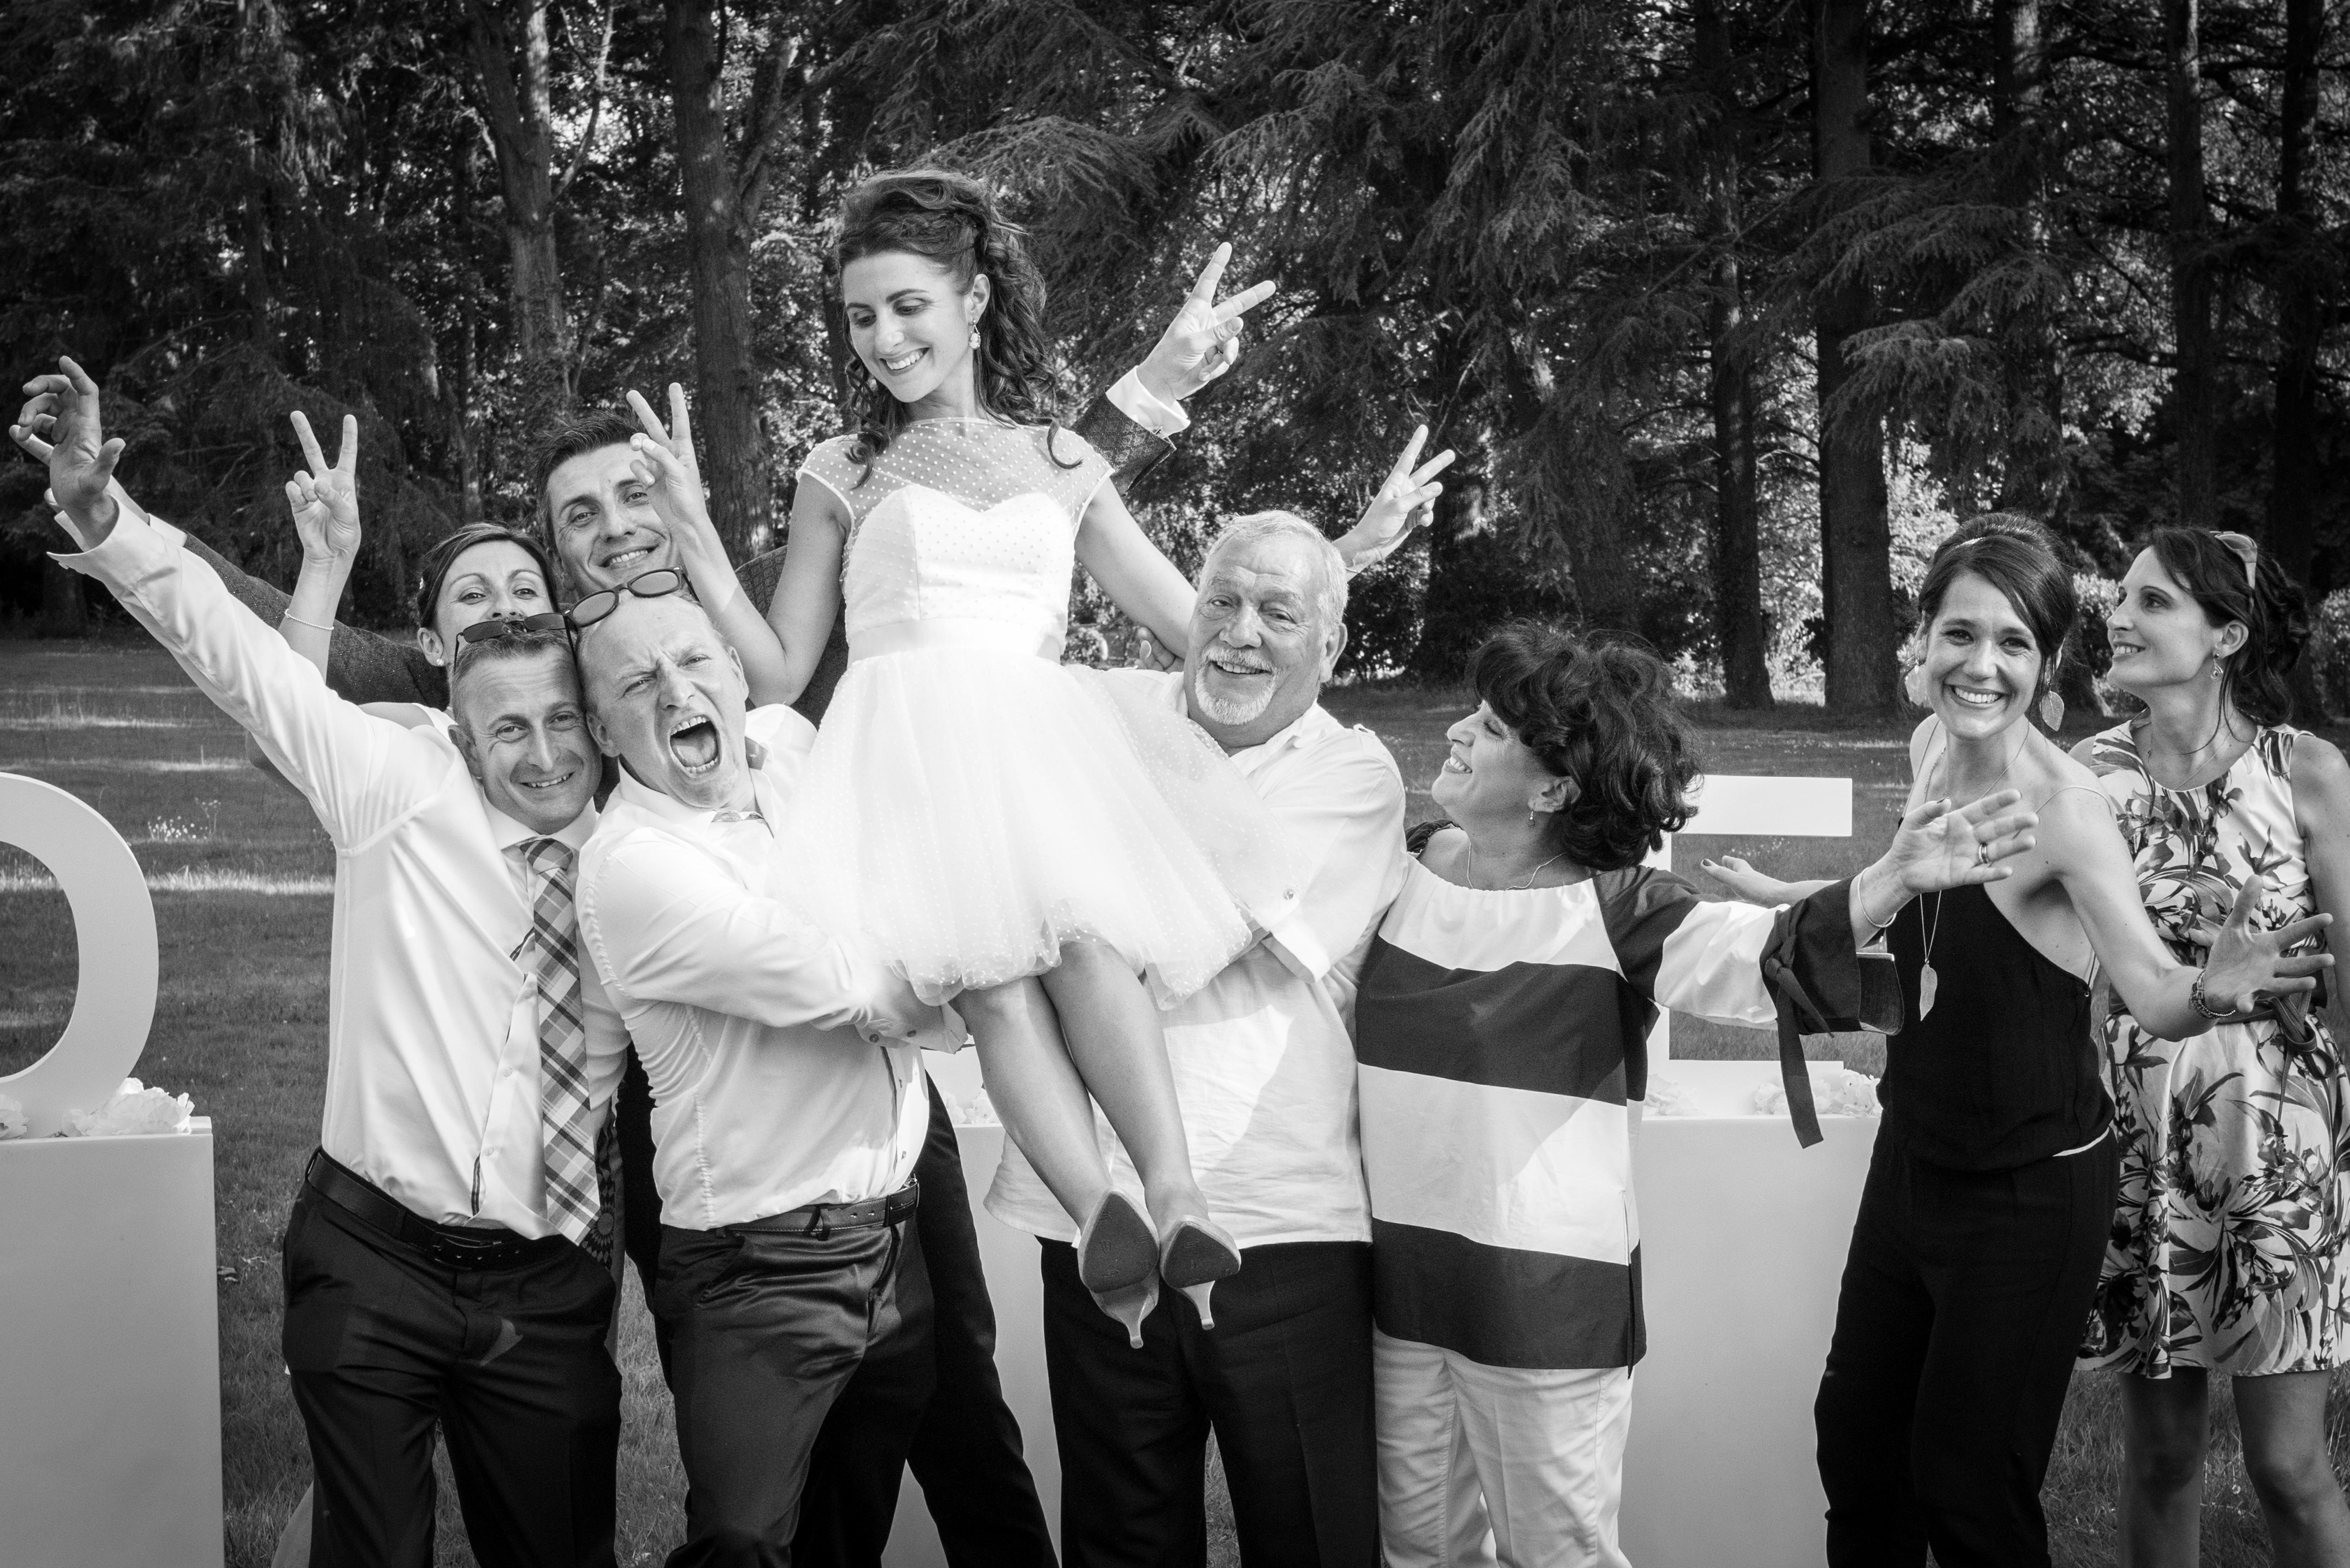 mariage noir et blanc photo